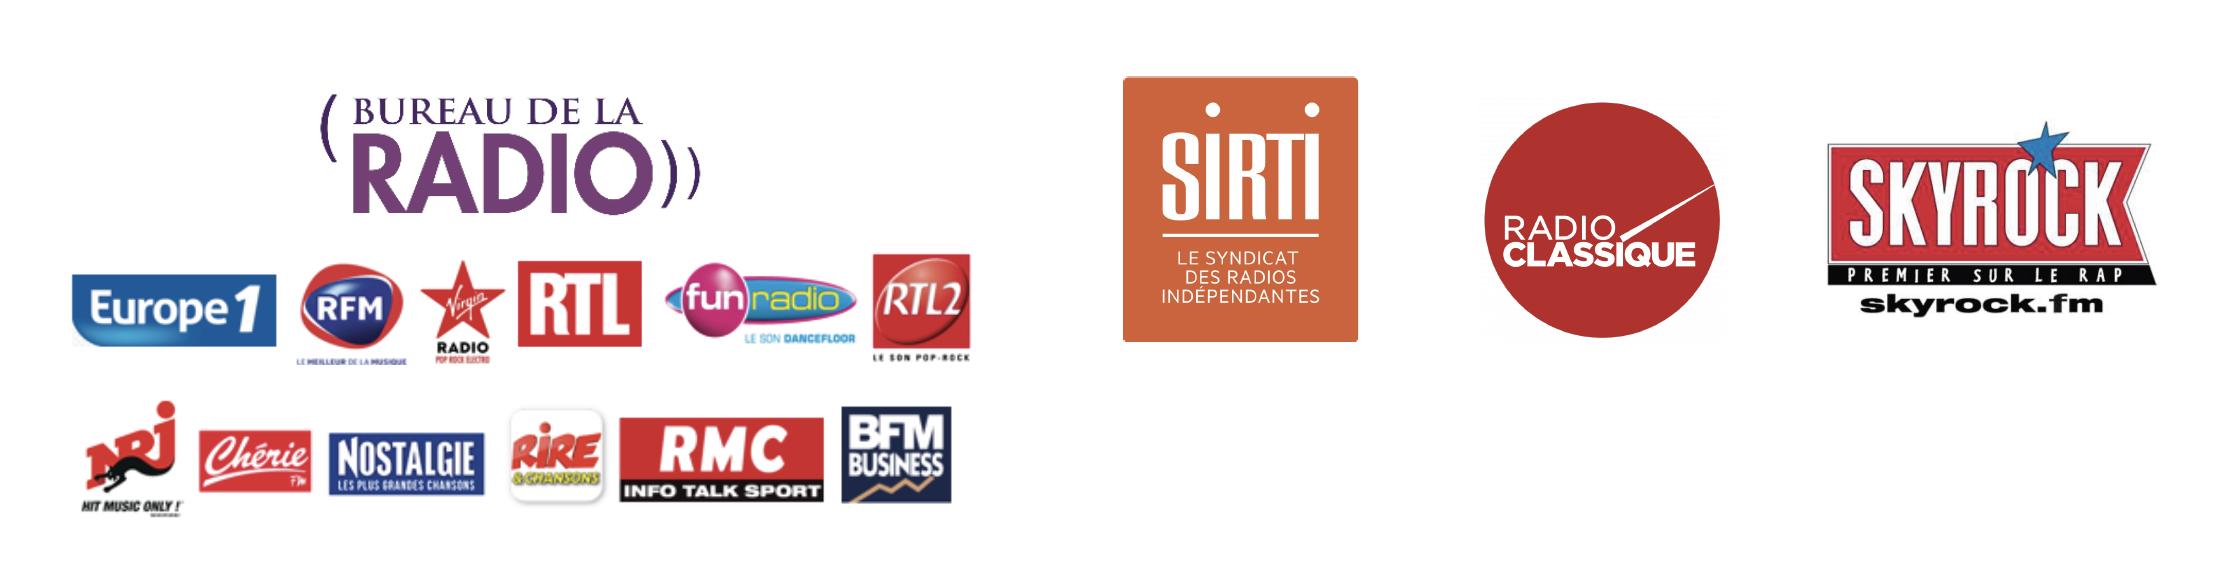 Les radios privées contre la publicité sur Radio France